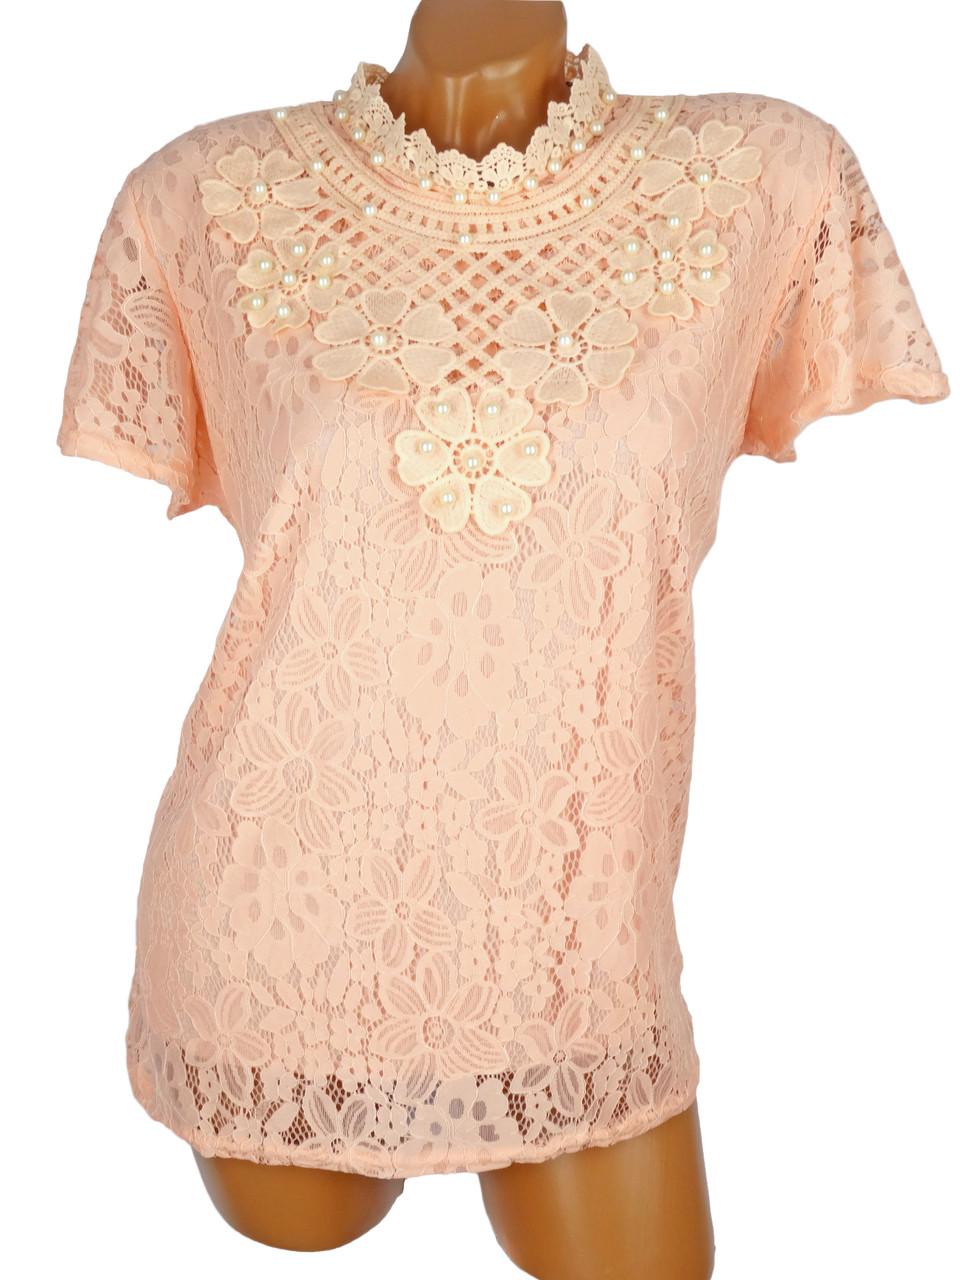 Женская блузка-футболка 48-50 (в расцветках)